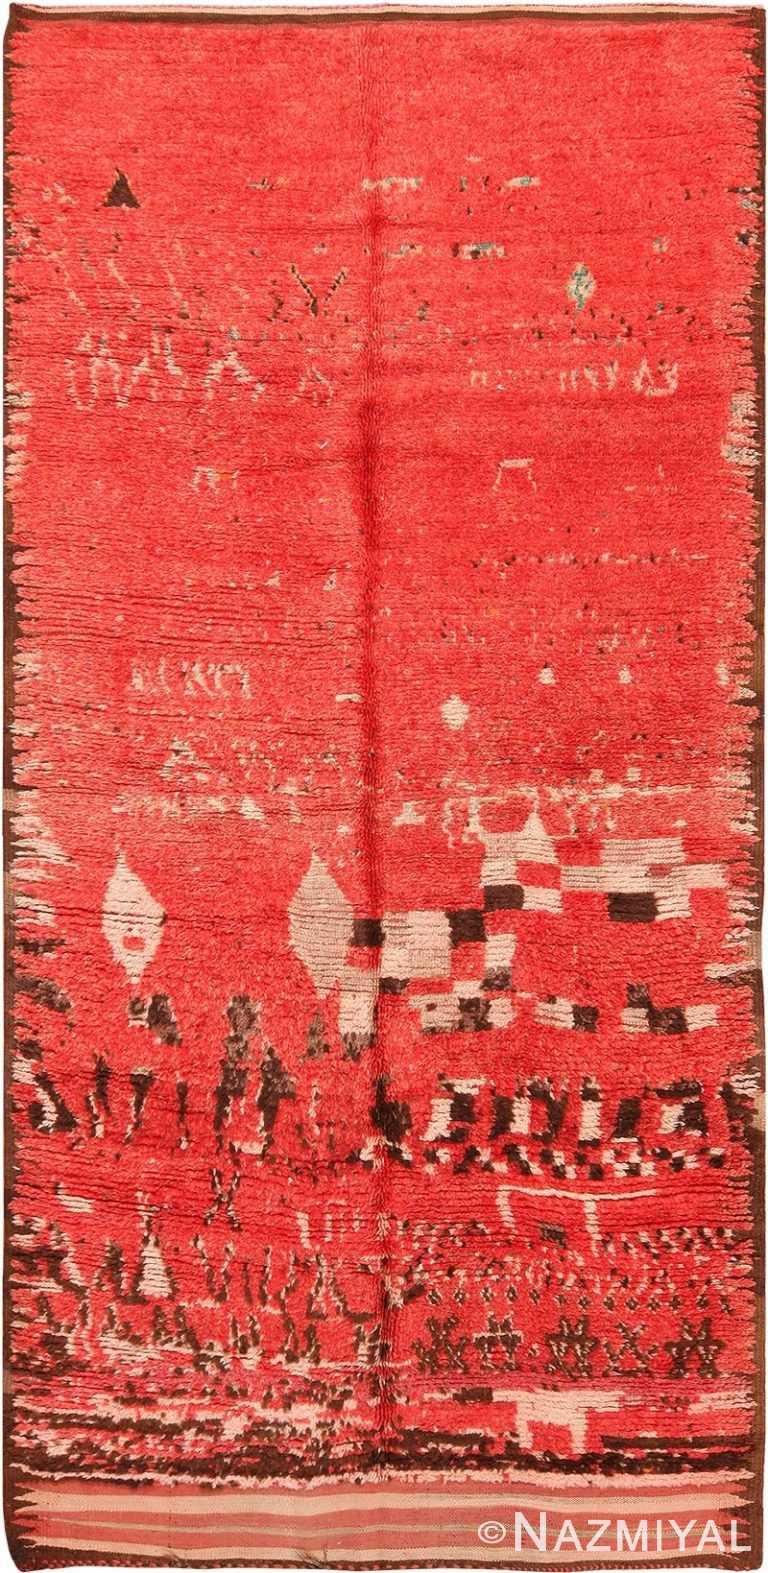 Vintage Berber Moroccan Red Rug 70538 by Nazmiyal NYC